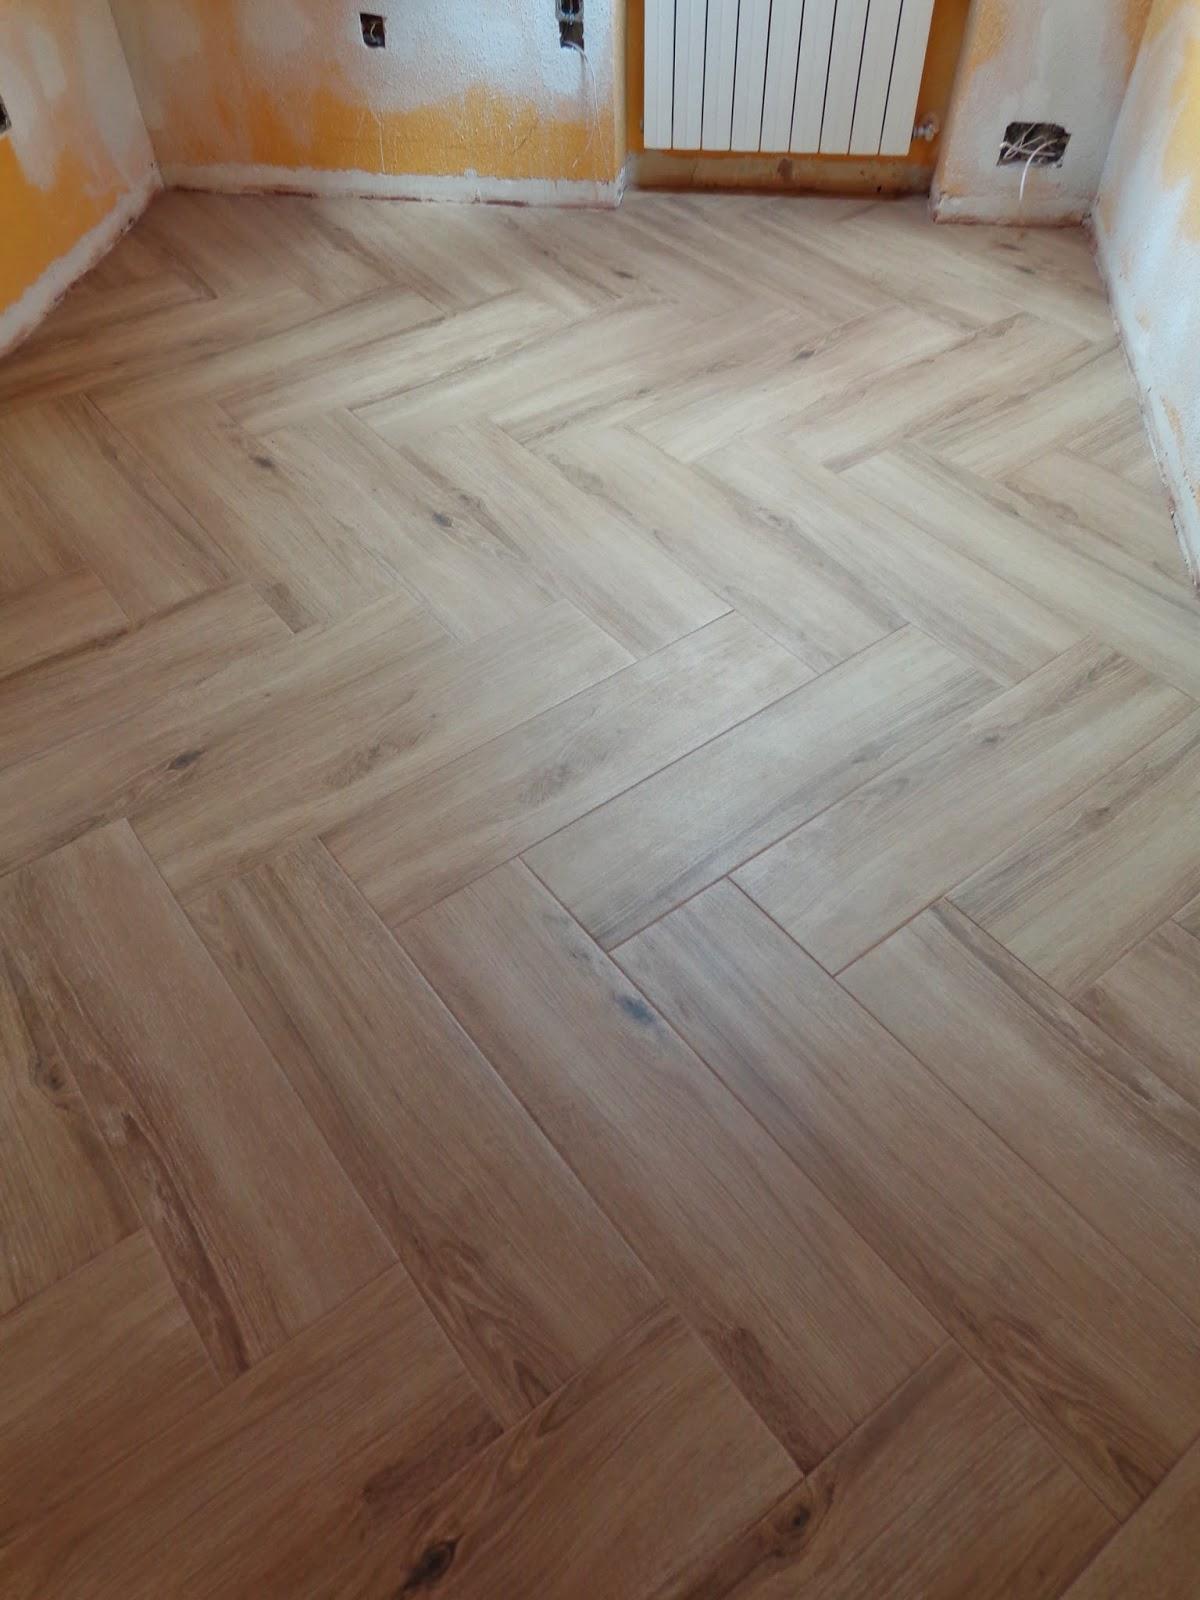 baldosassa suelos porcel nicos imitacion madera On baldosas imitacion madera precios